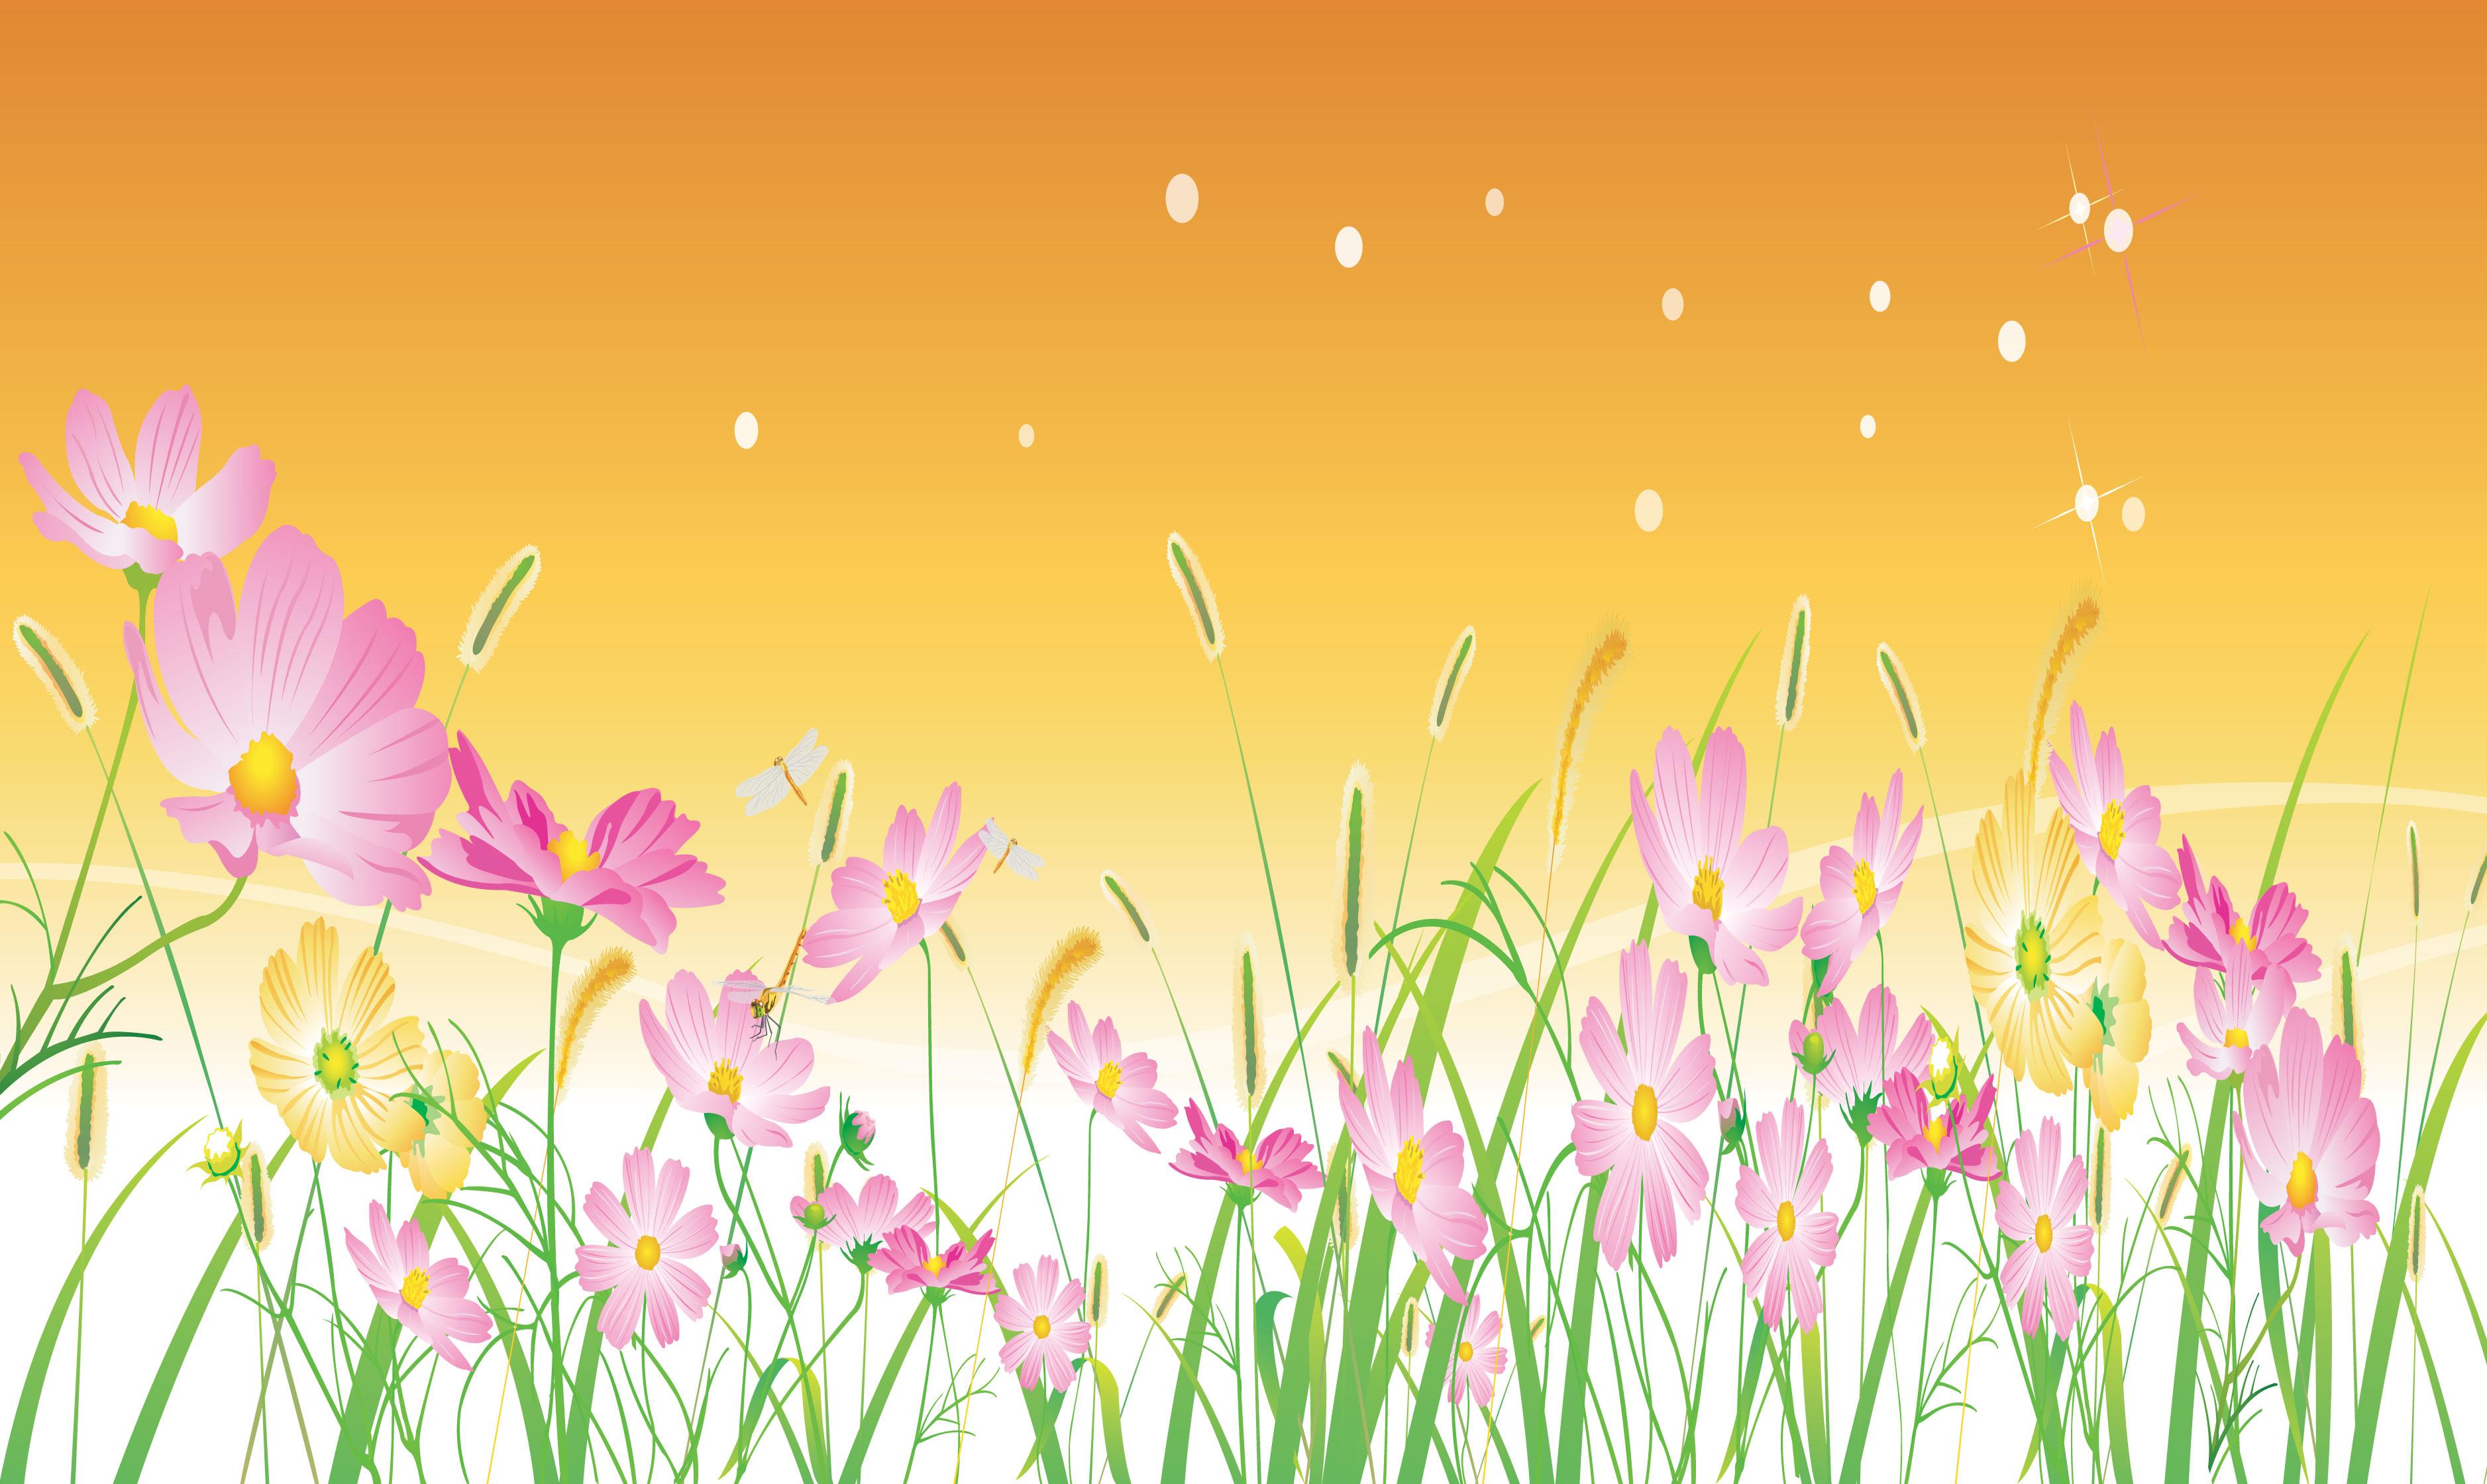 画像 : 秋に変えたくなる!秋を感じるpcデスクトップ壁紙 まとめ - naver